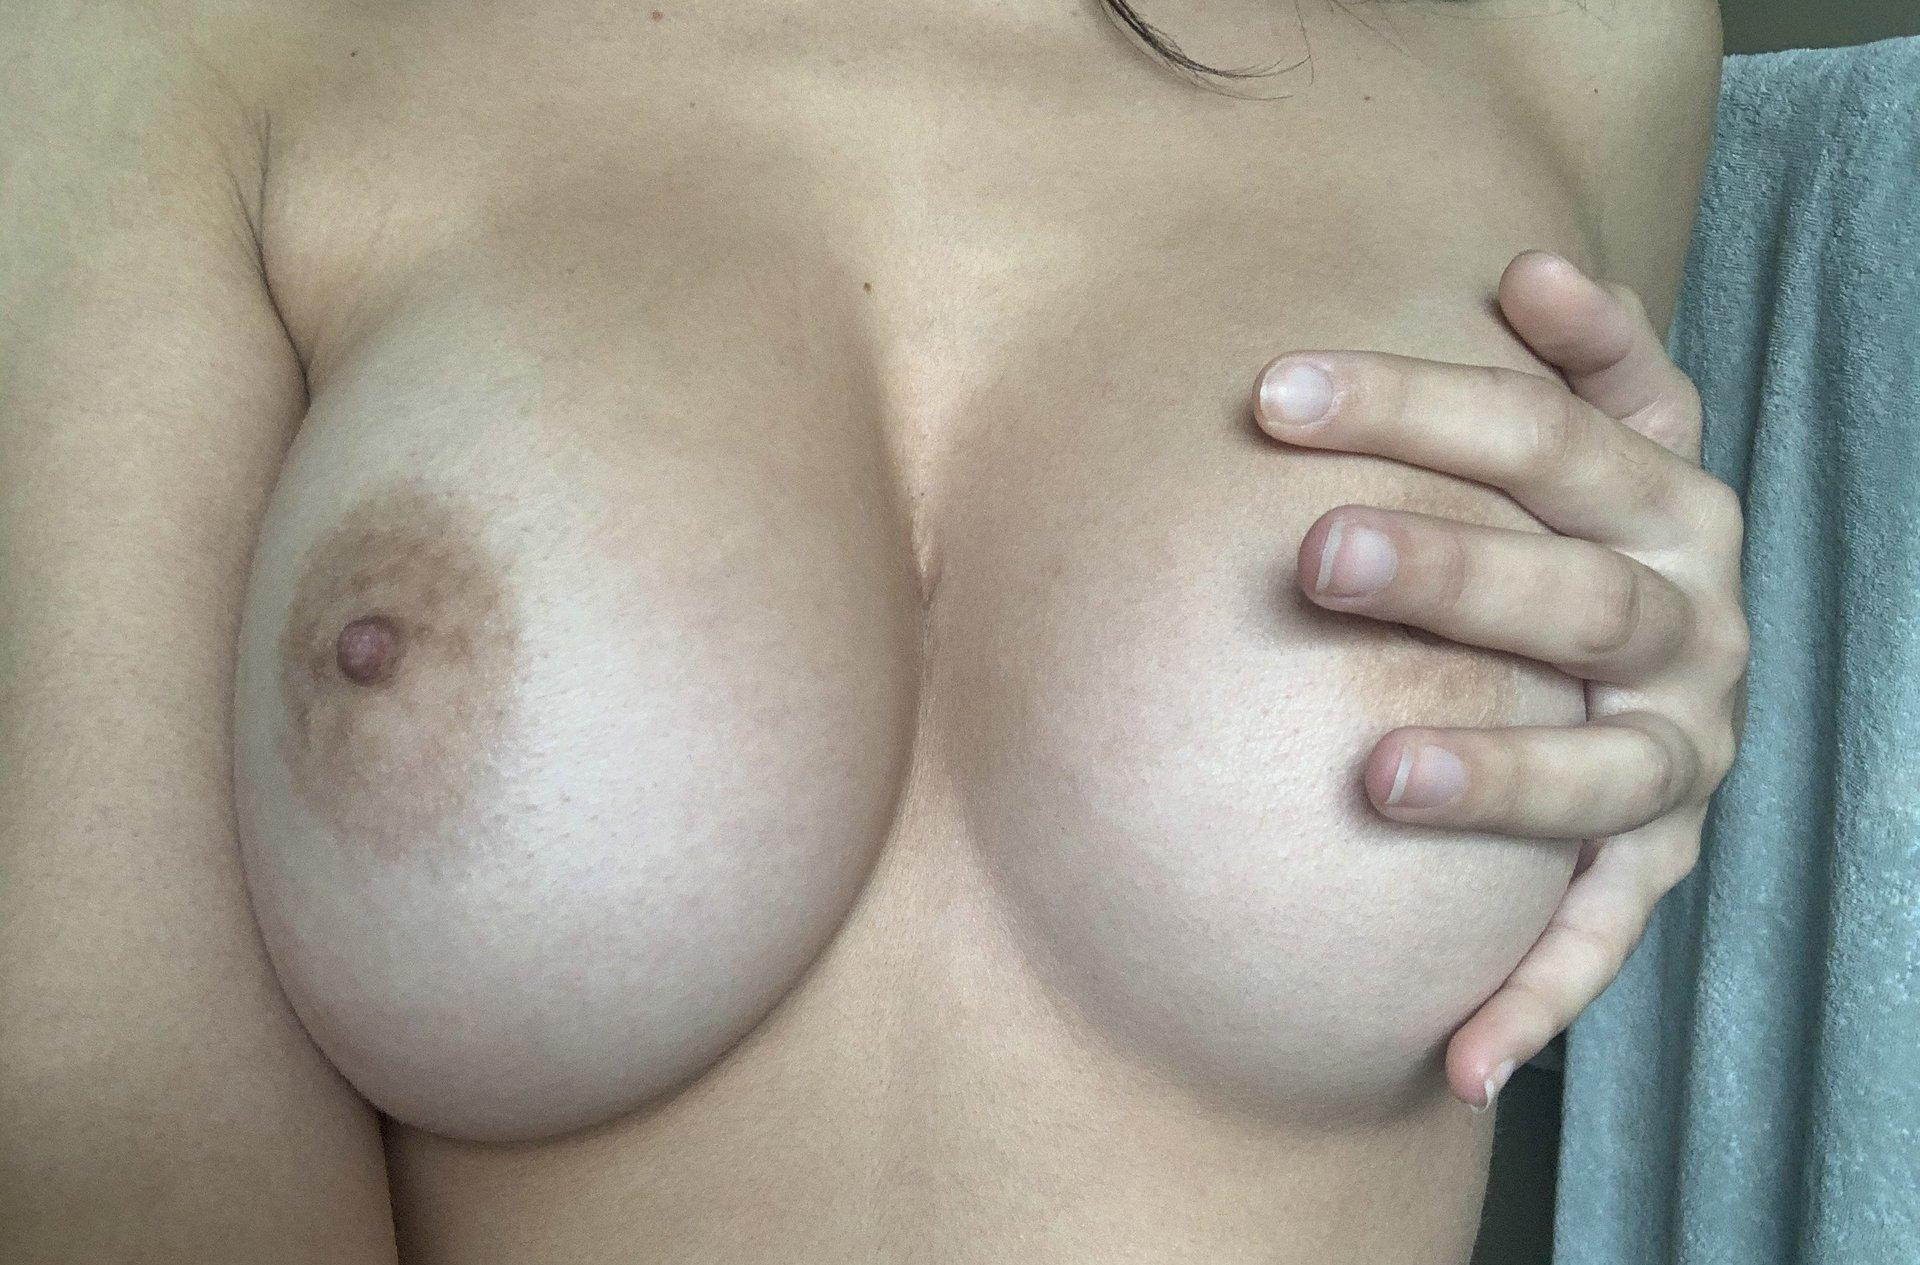 Cheekie Onlyfans Nude Leaks 0042